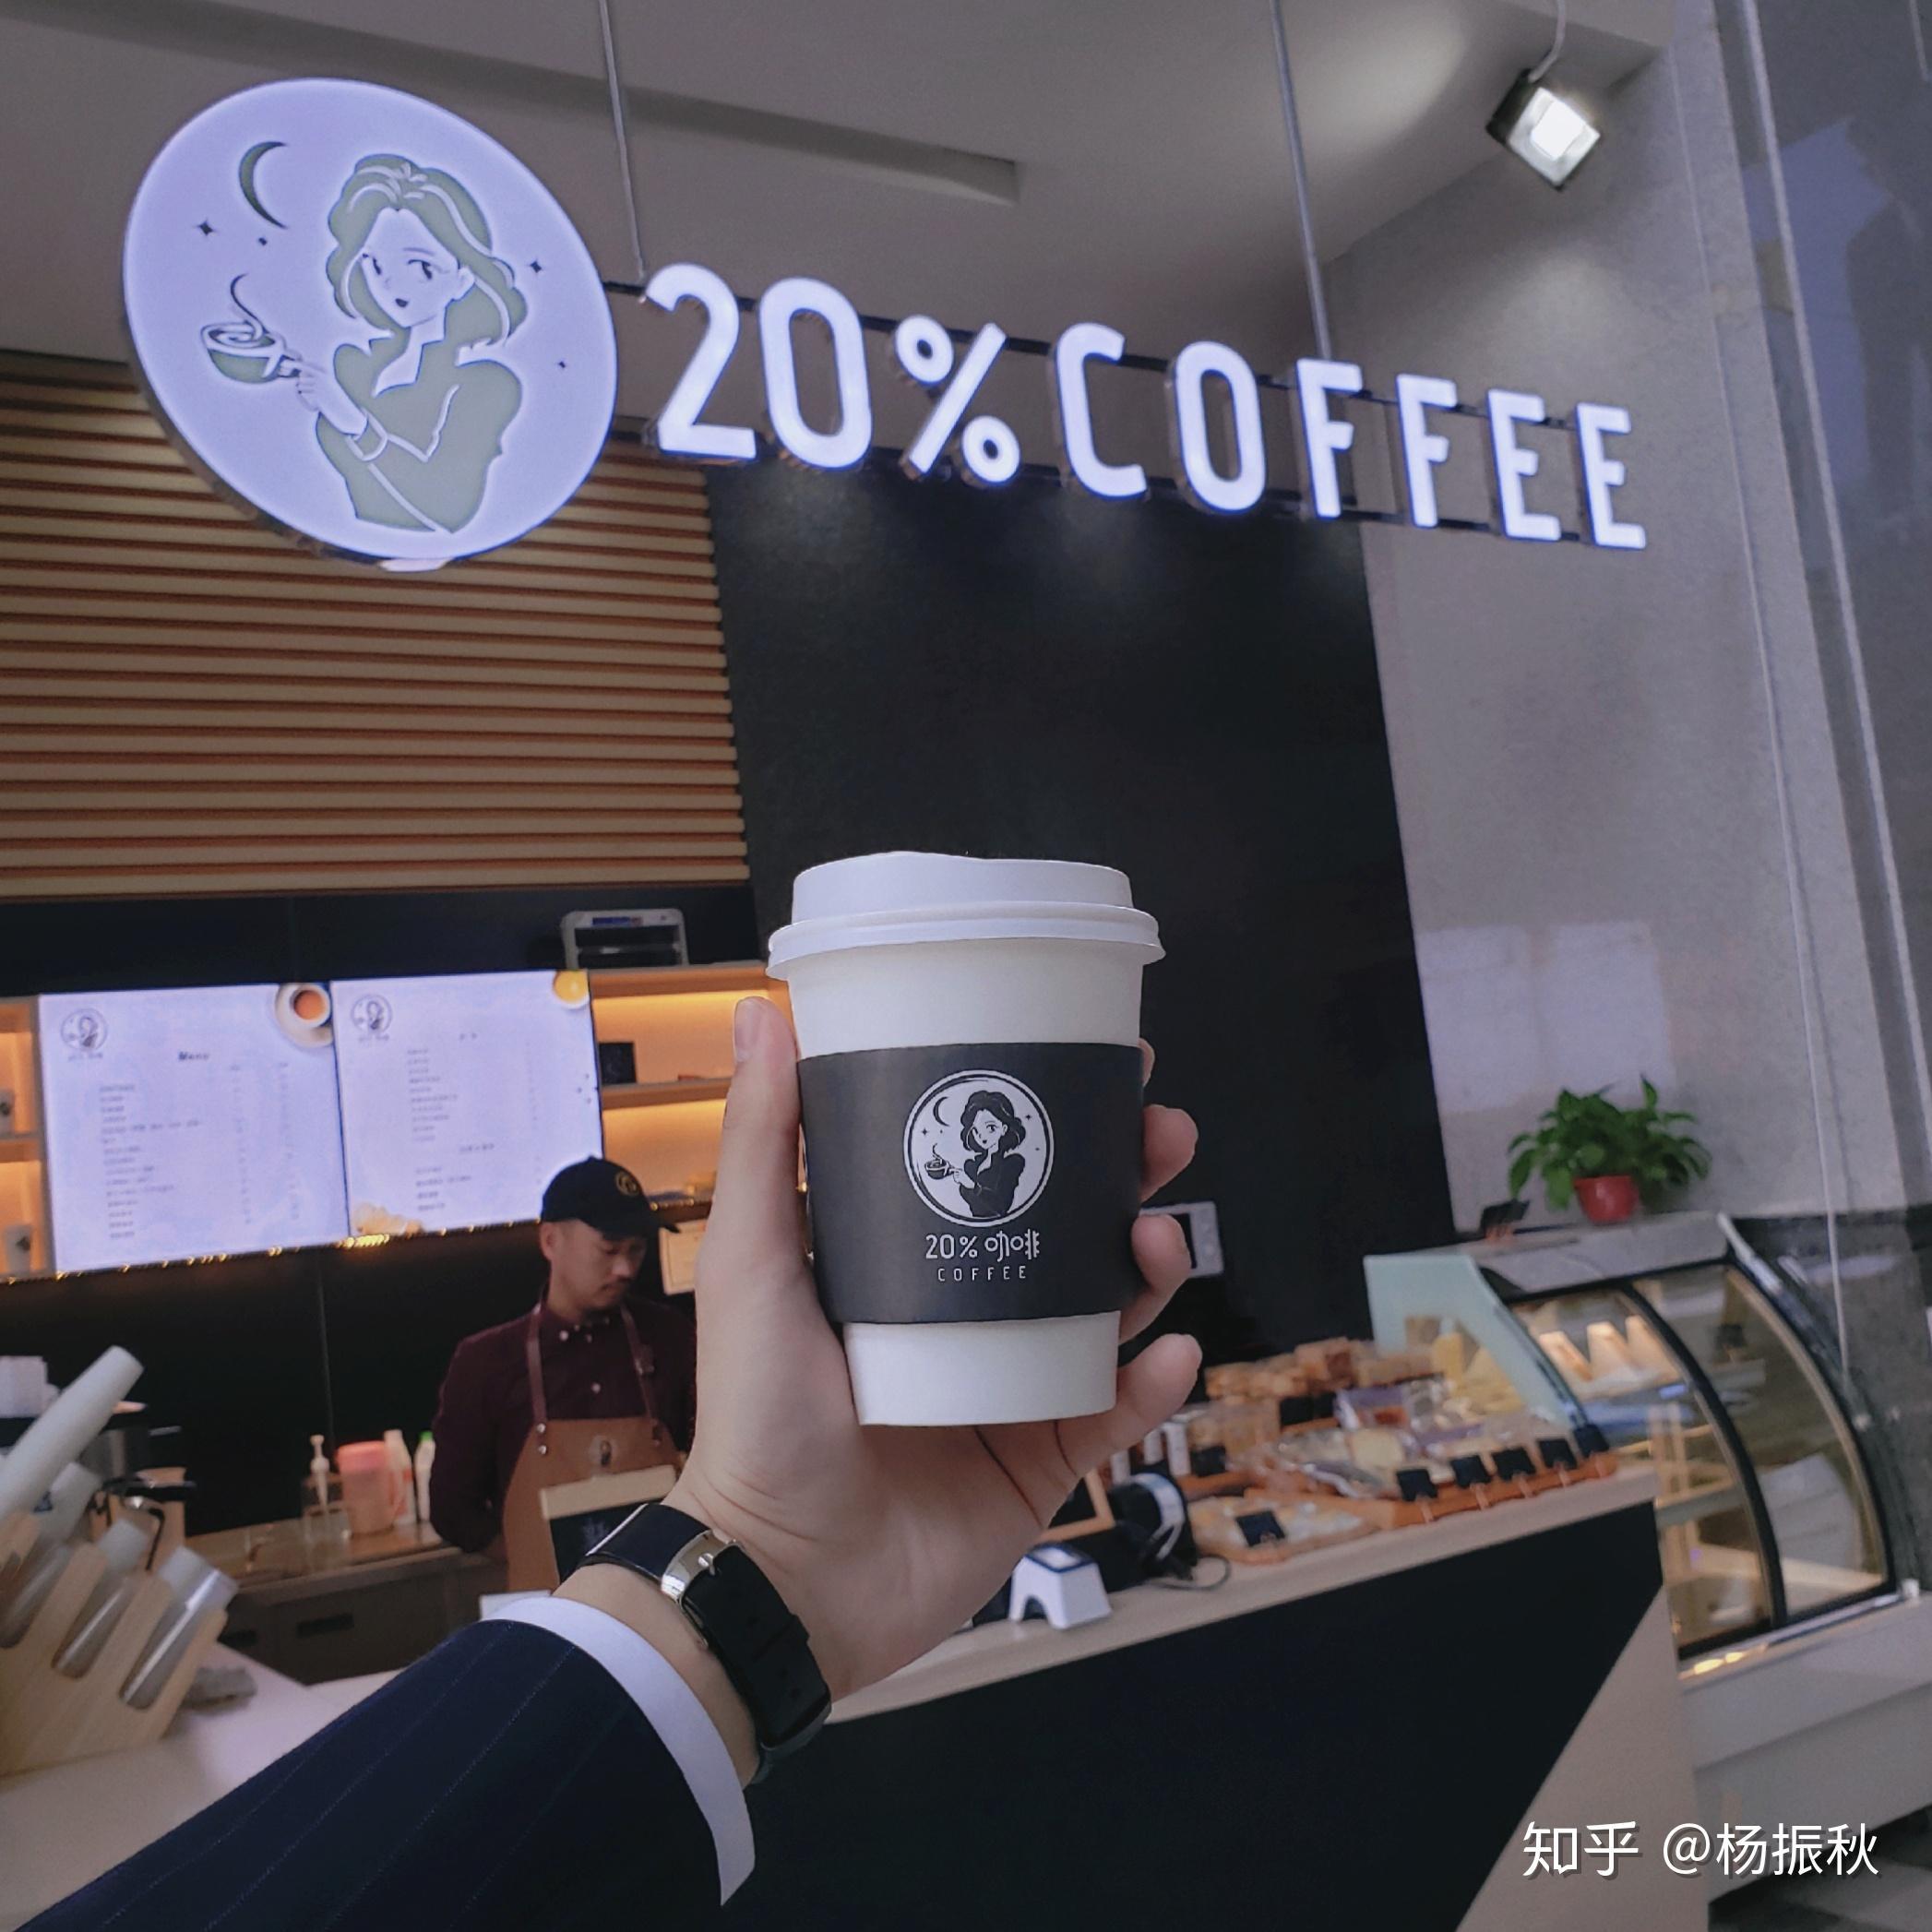 芜湖新华书店_合肥有哪些不错的咖啡馆? - 知乎